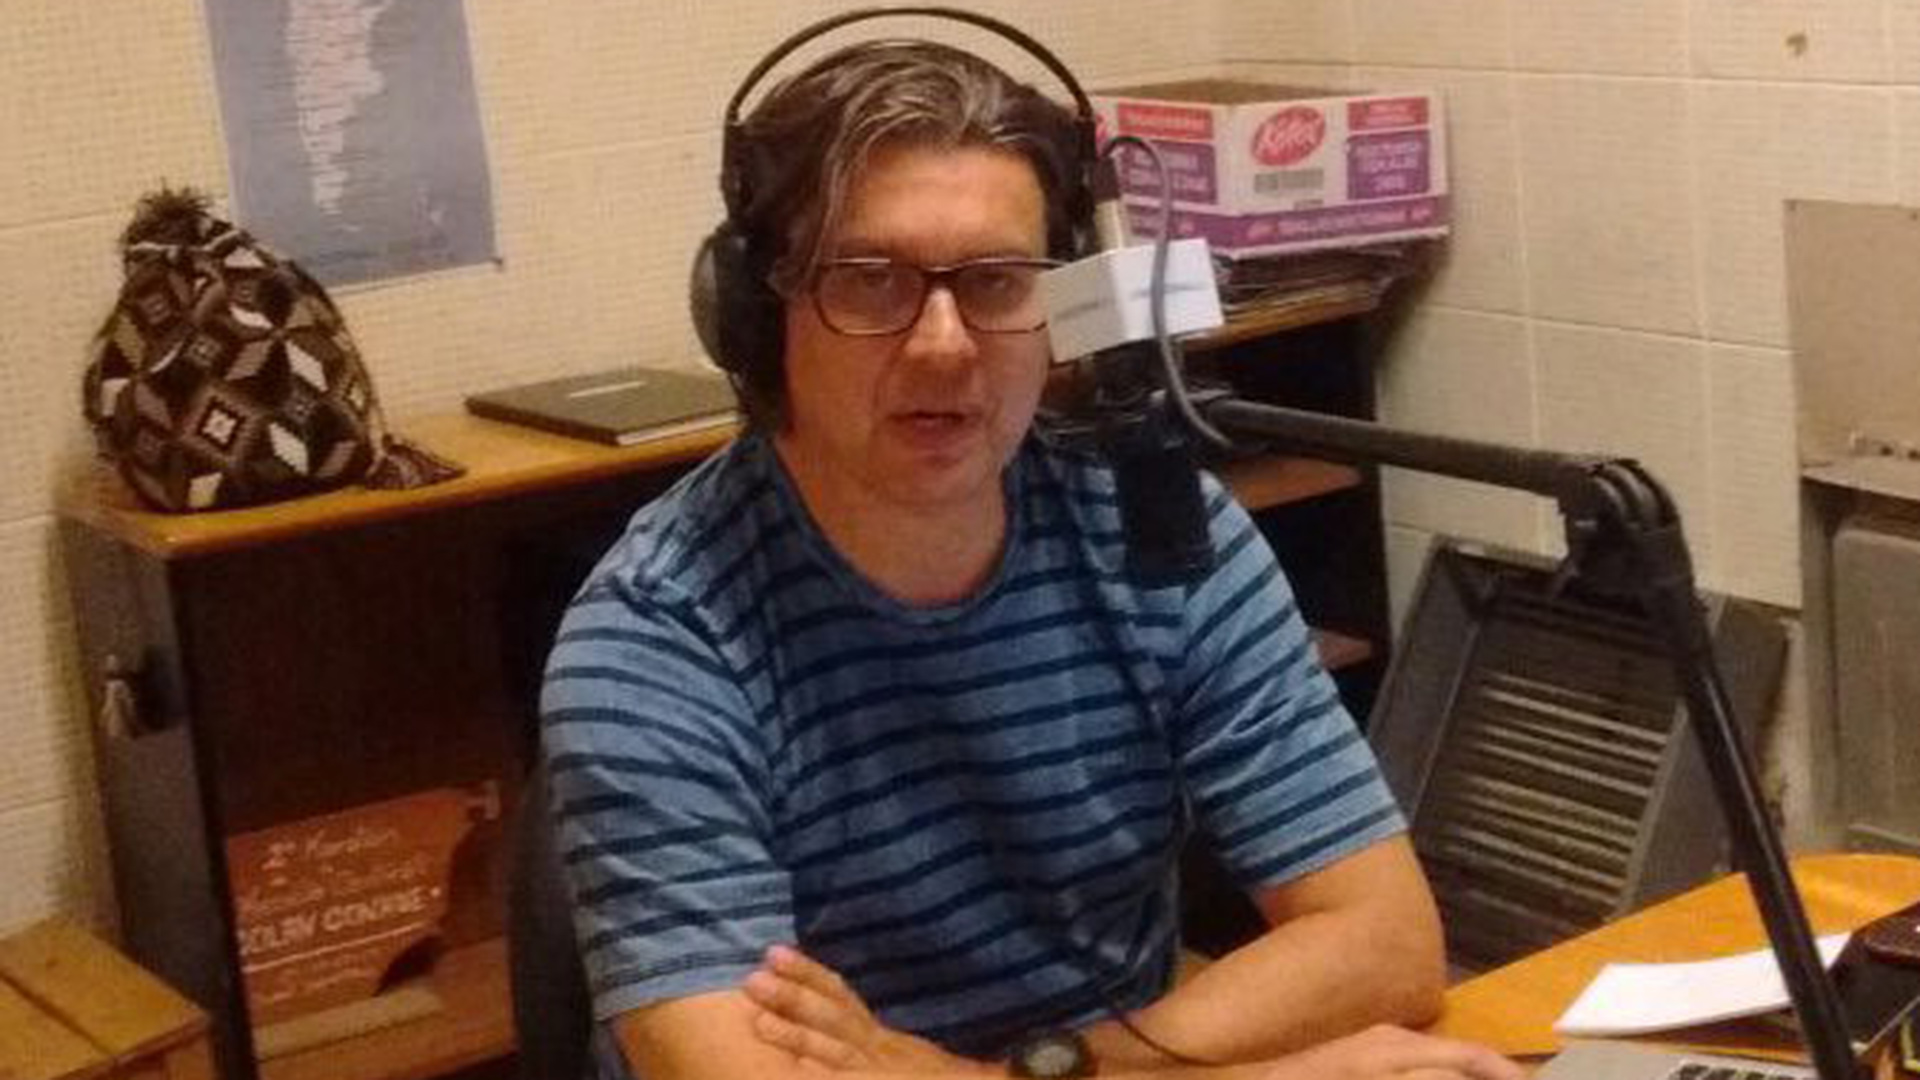 Aguiar tenía un programa sobre salud en Radio Nacional de Esquel: se lo levantaron (Twitter)